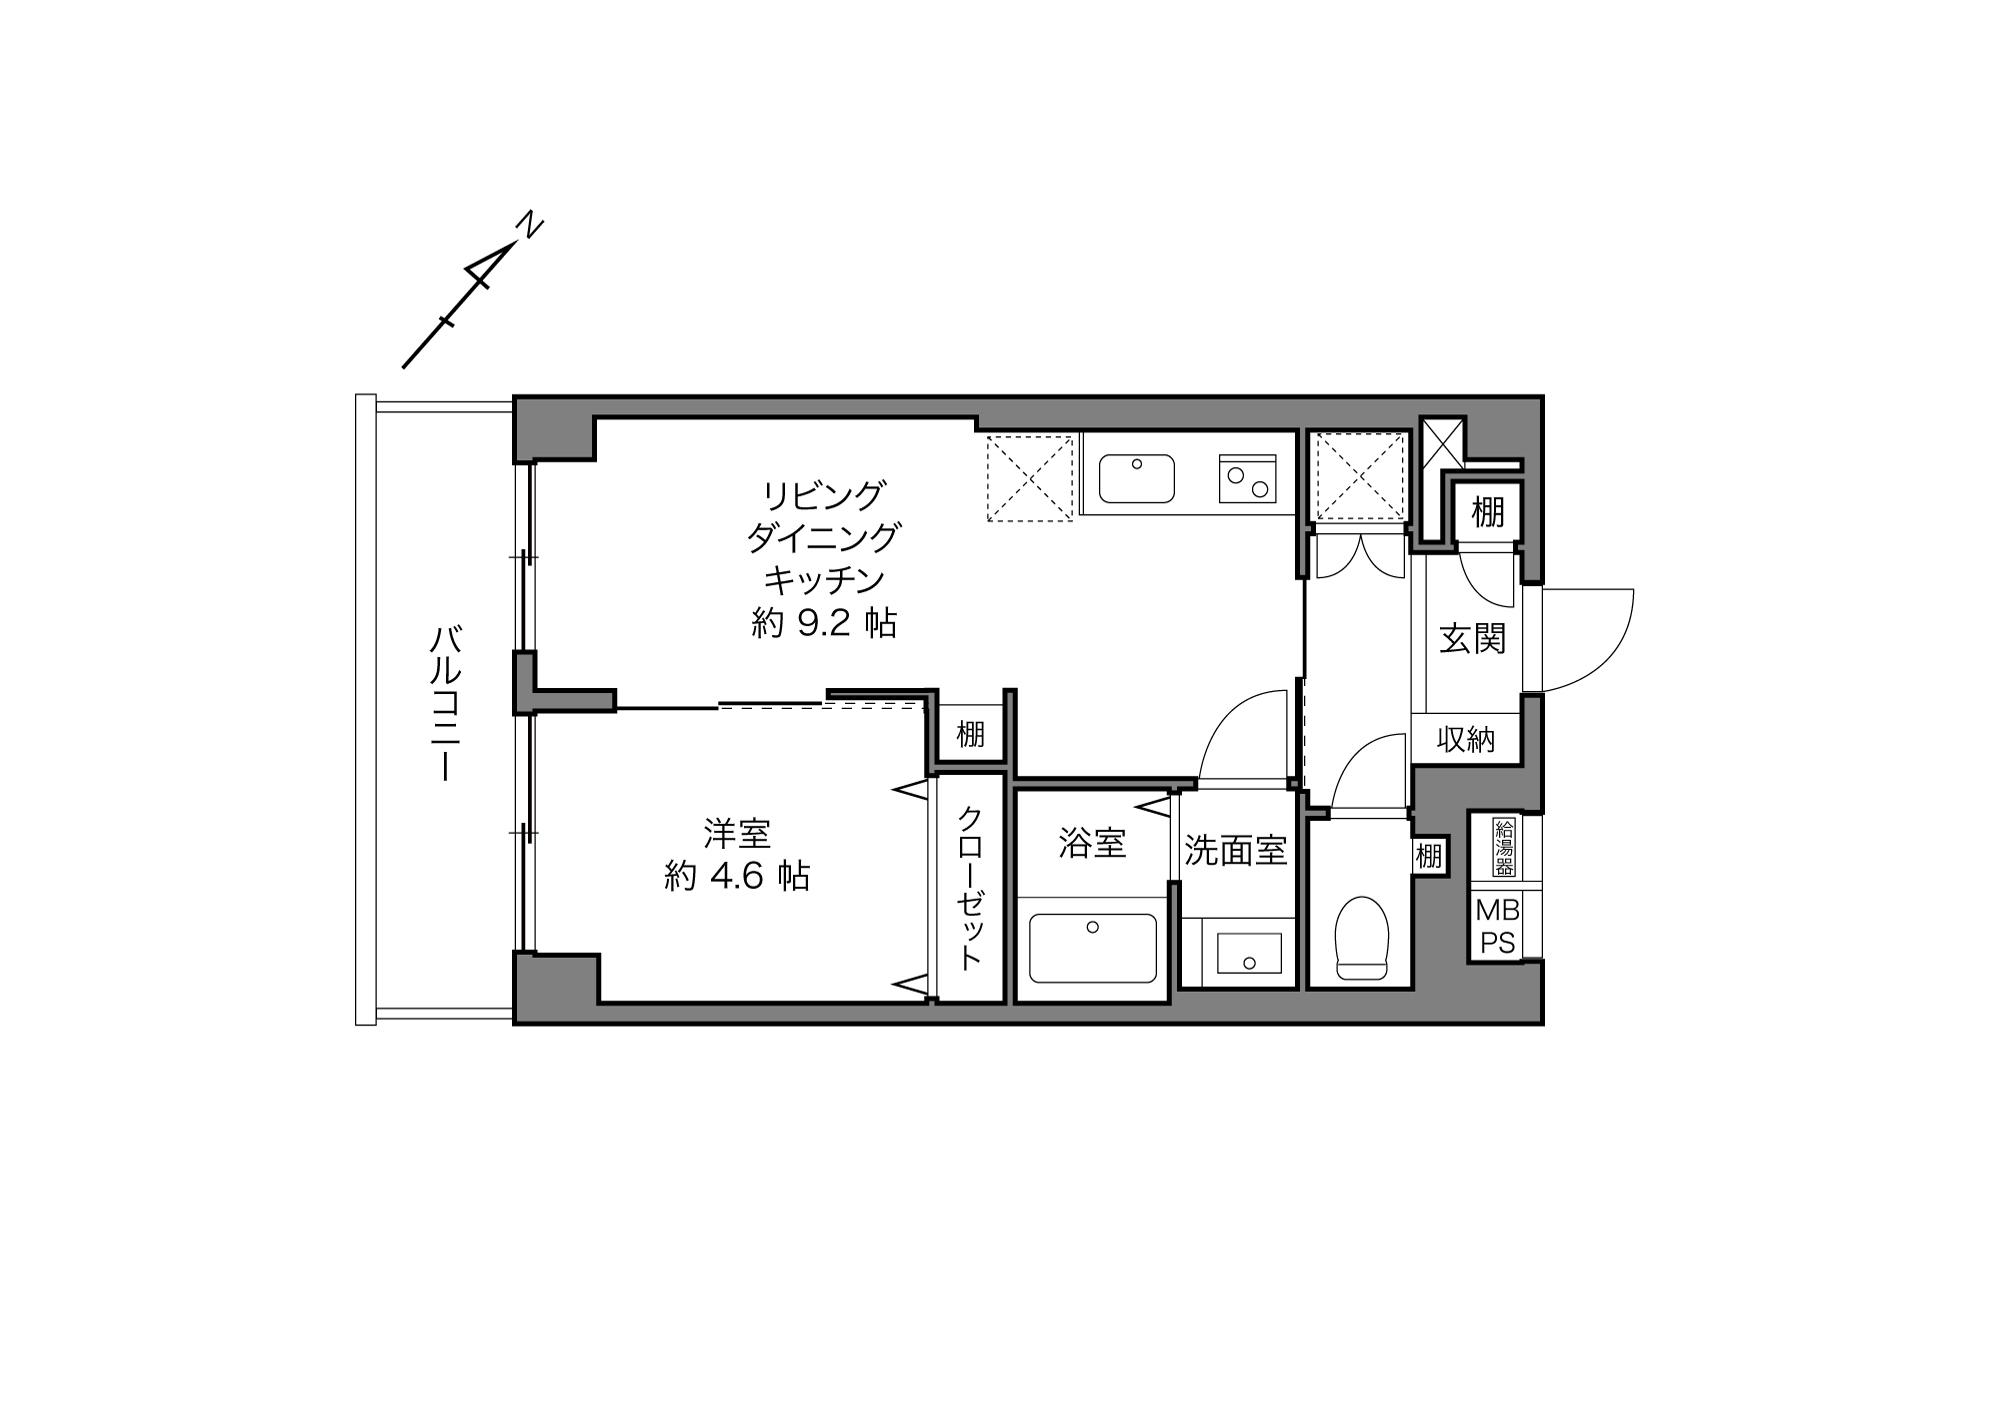 武蔵小山駅 / 1LDK / 35.80㎡